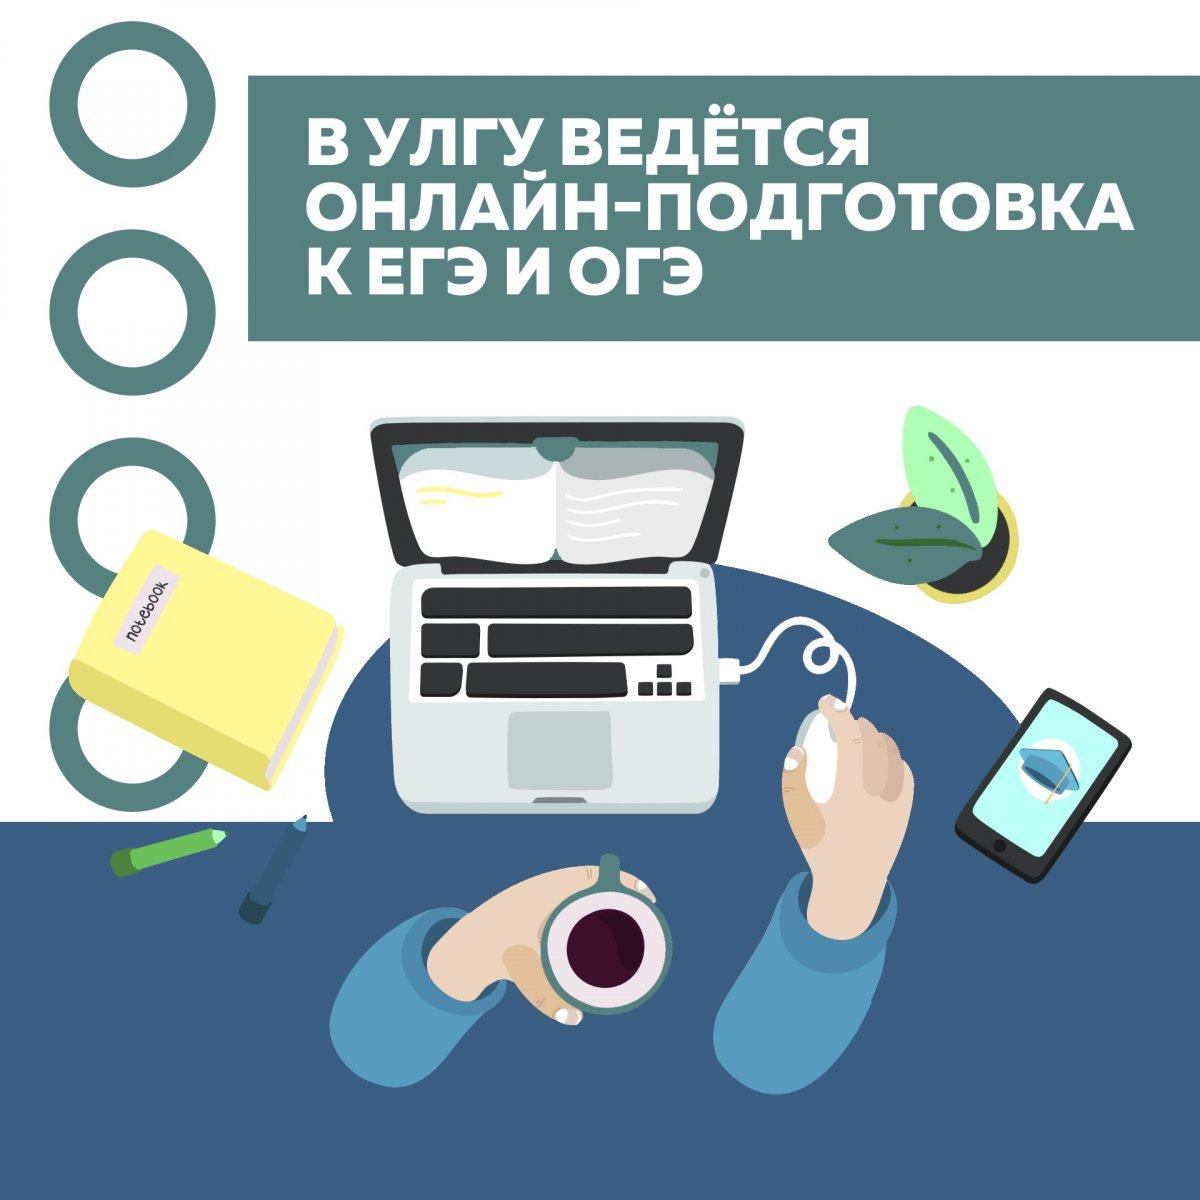 В УлГУ ведётся онлайн-подготовка к ЕГЭ и ОГЭ